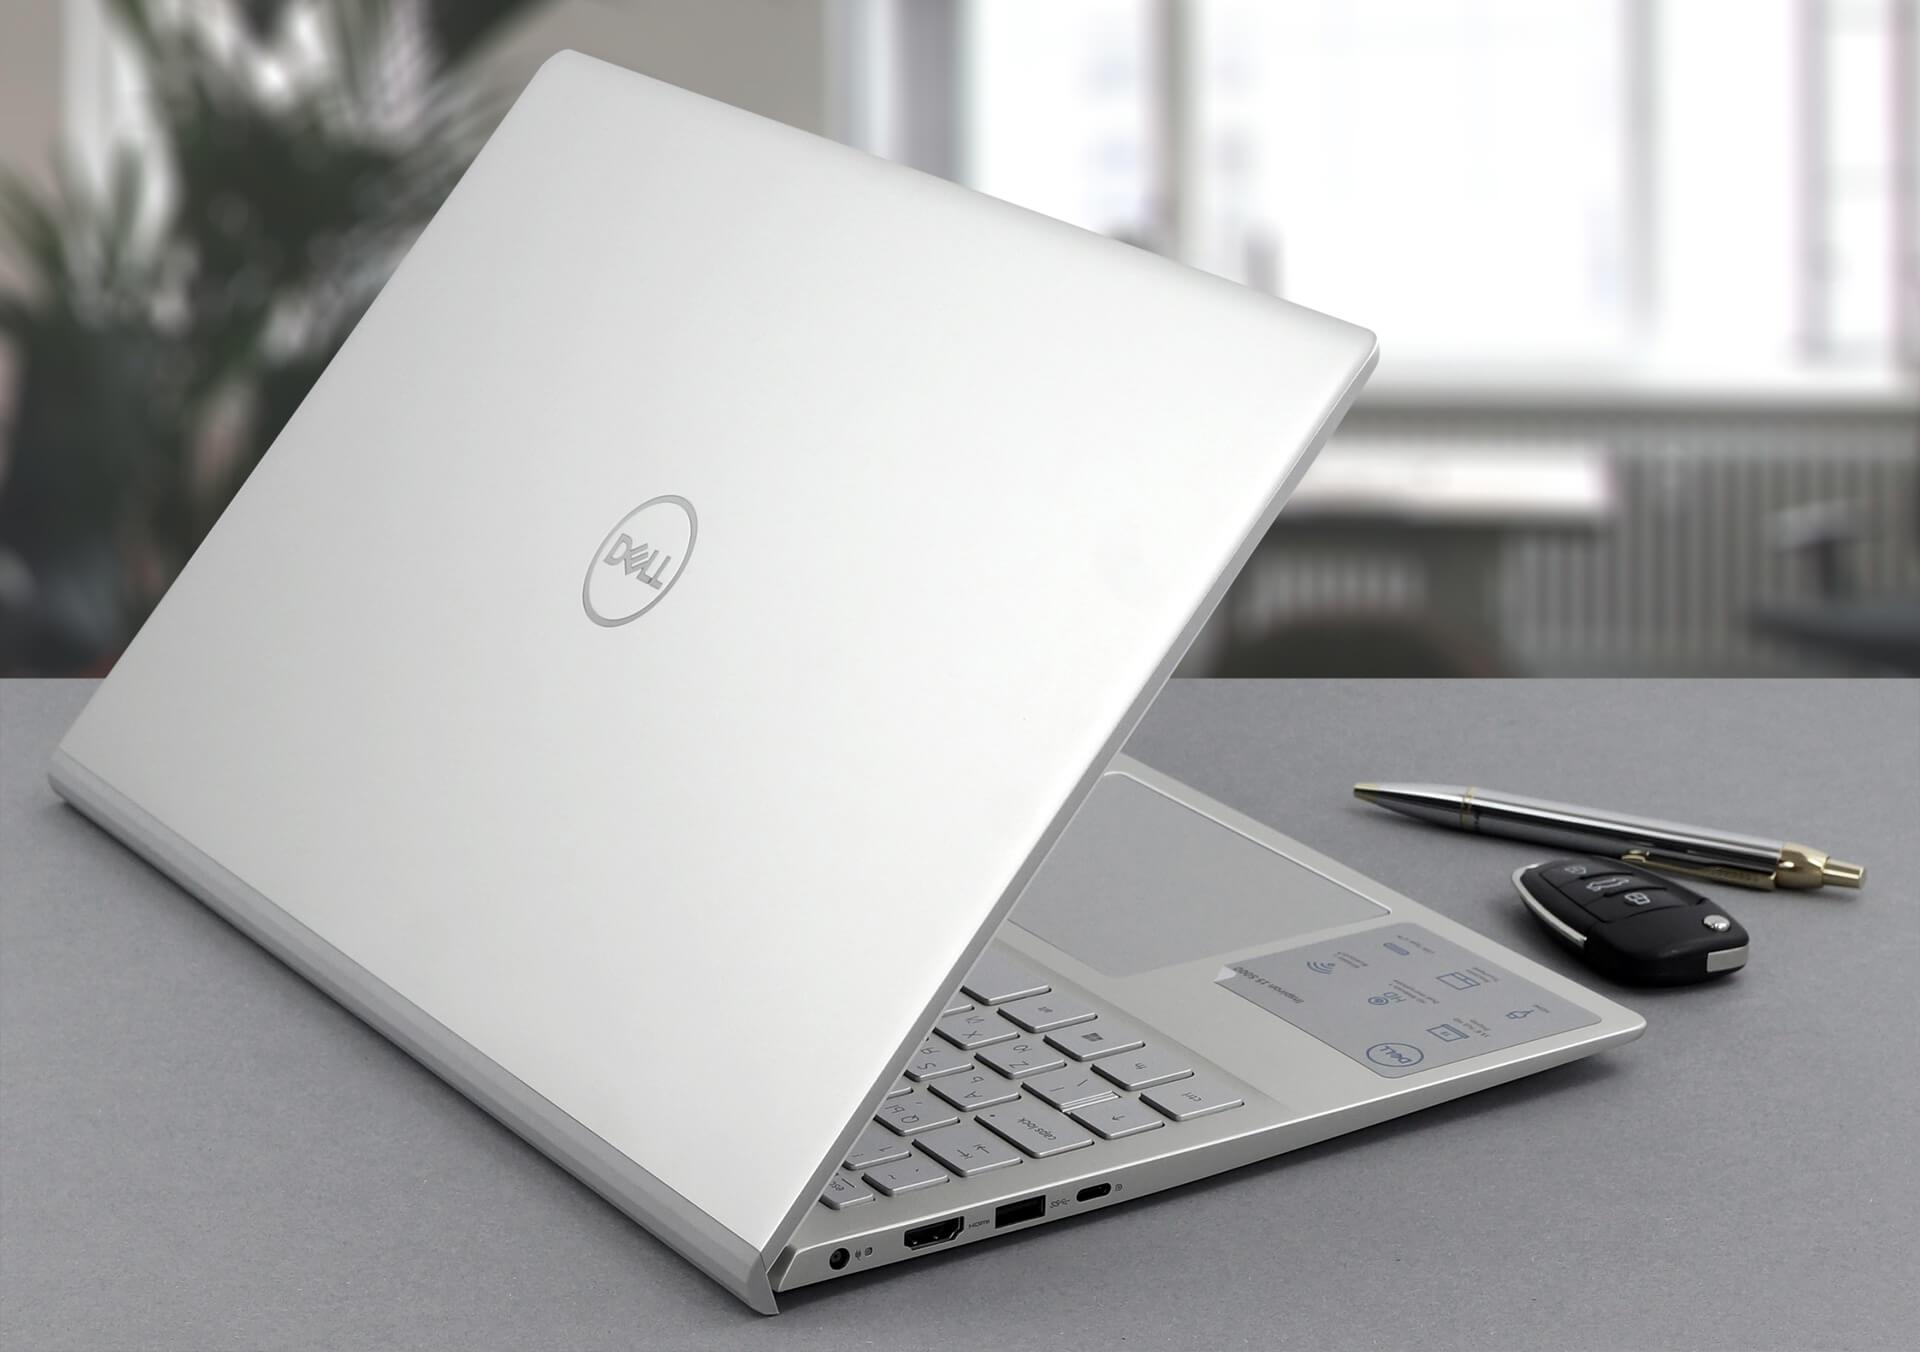 Dell Inspiron 15 5502: Laptop Dành Riêng Cho Sinh Viên | CHỈ 20 TRIỆU